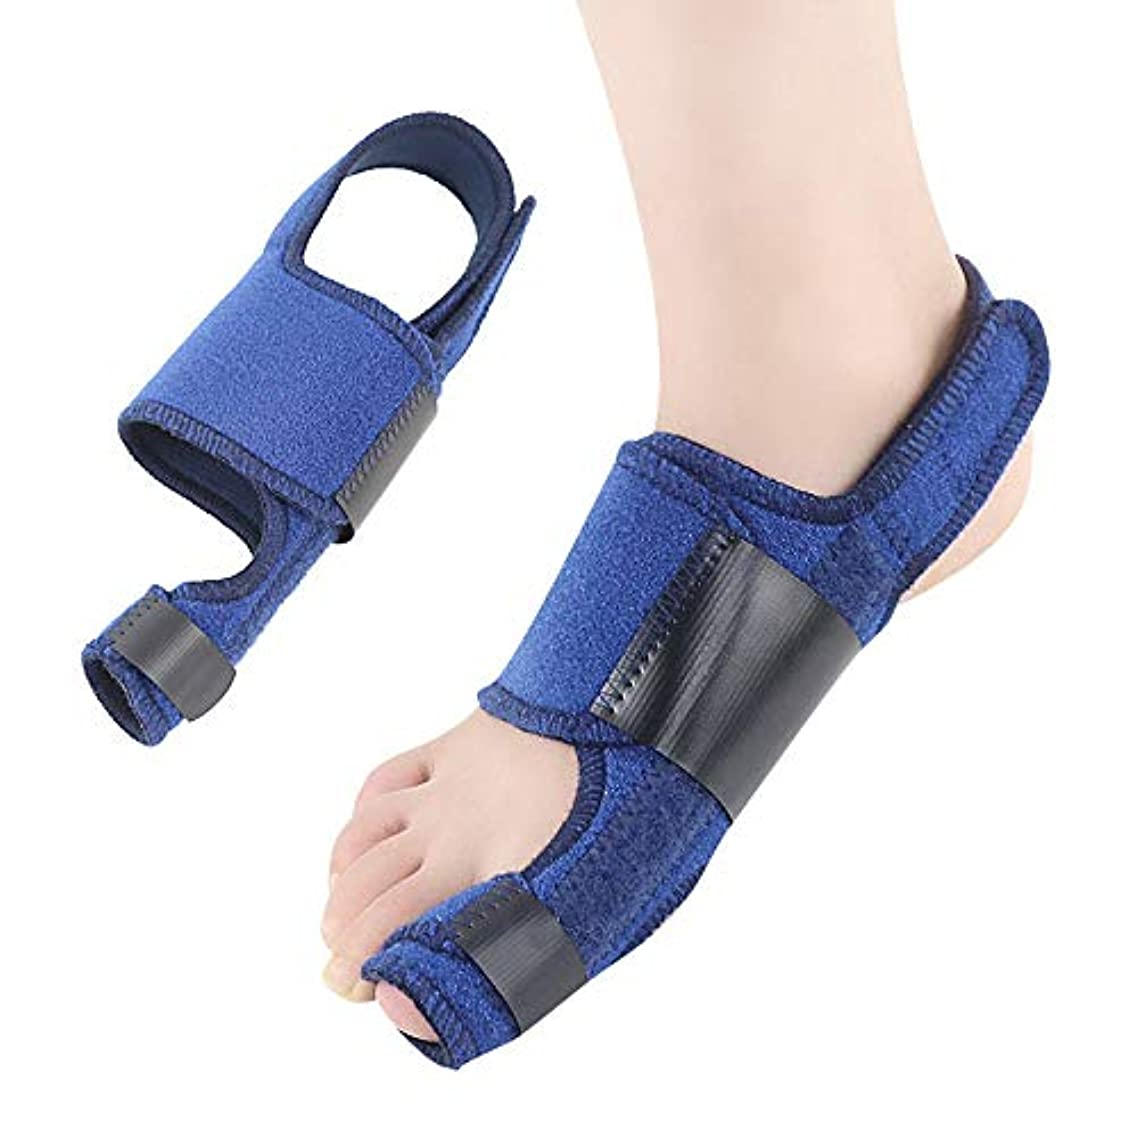 特徴ウナギ曲げる外反母趾足指セパレーターは足指重複嚢胞通気性吸収汗ワンサイズを防止し、ヨガ後の痛みと変形を軽減